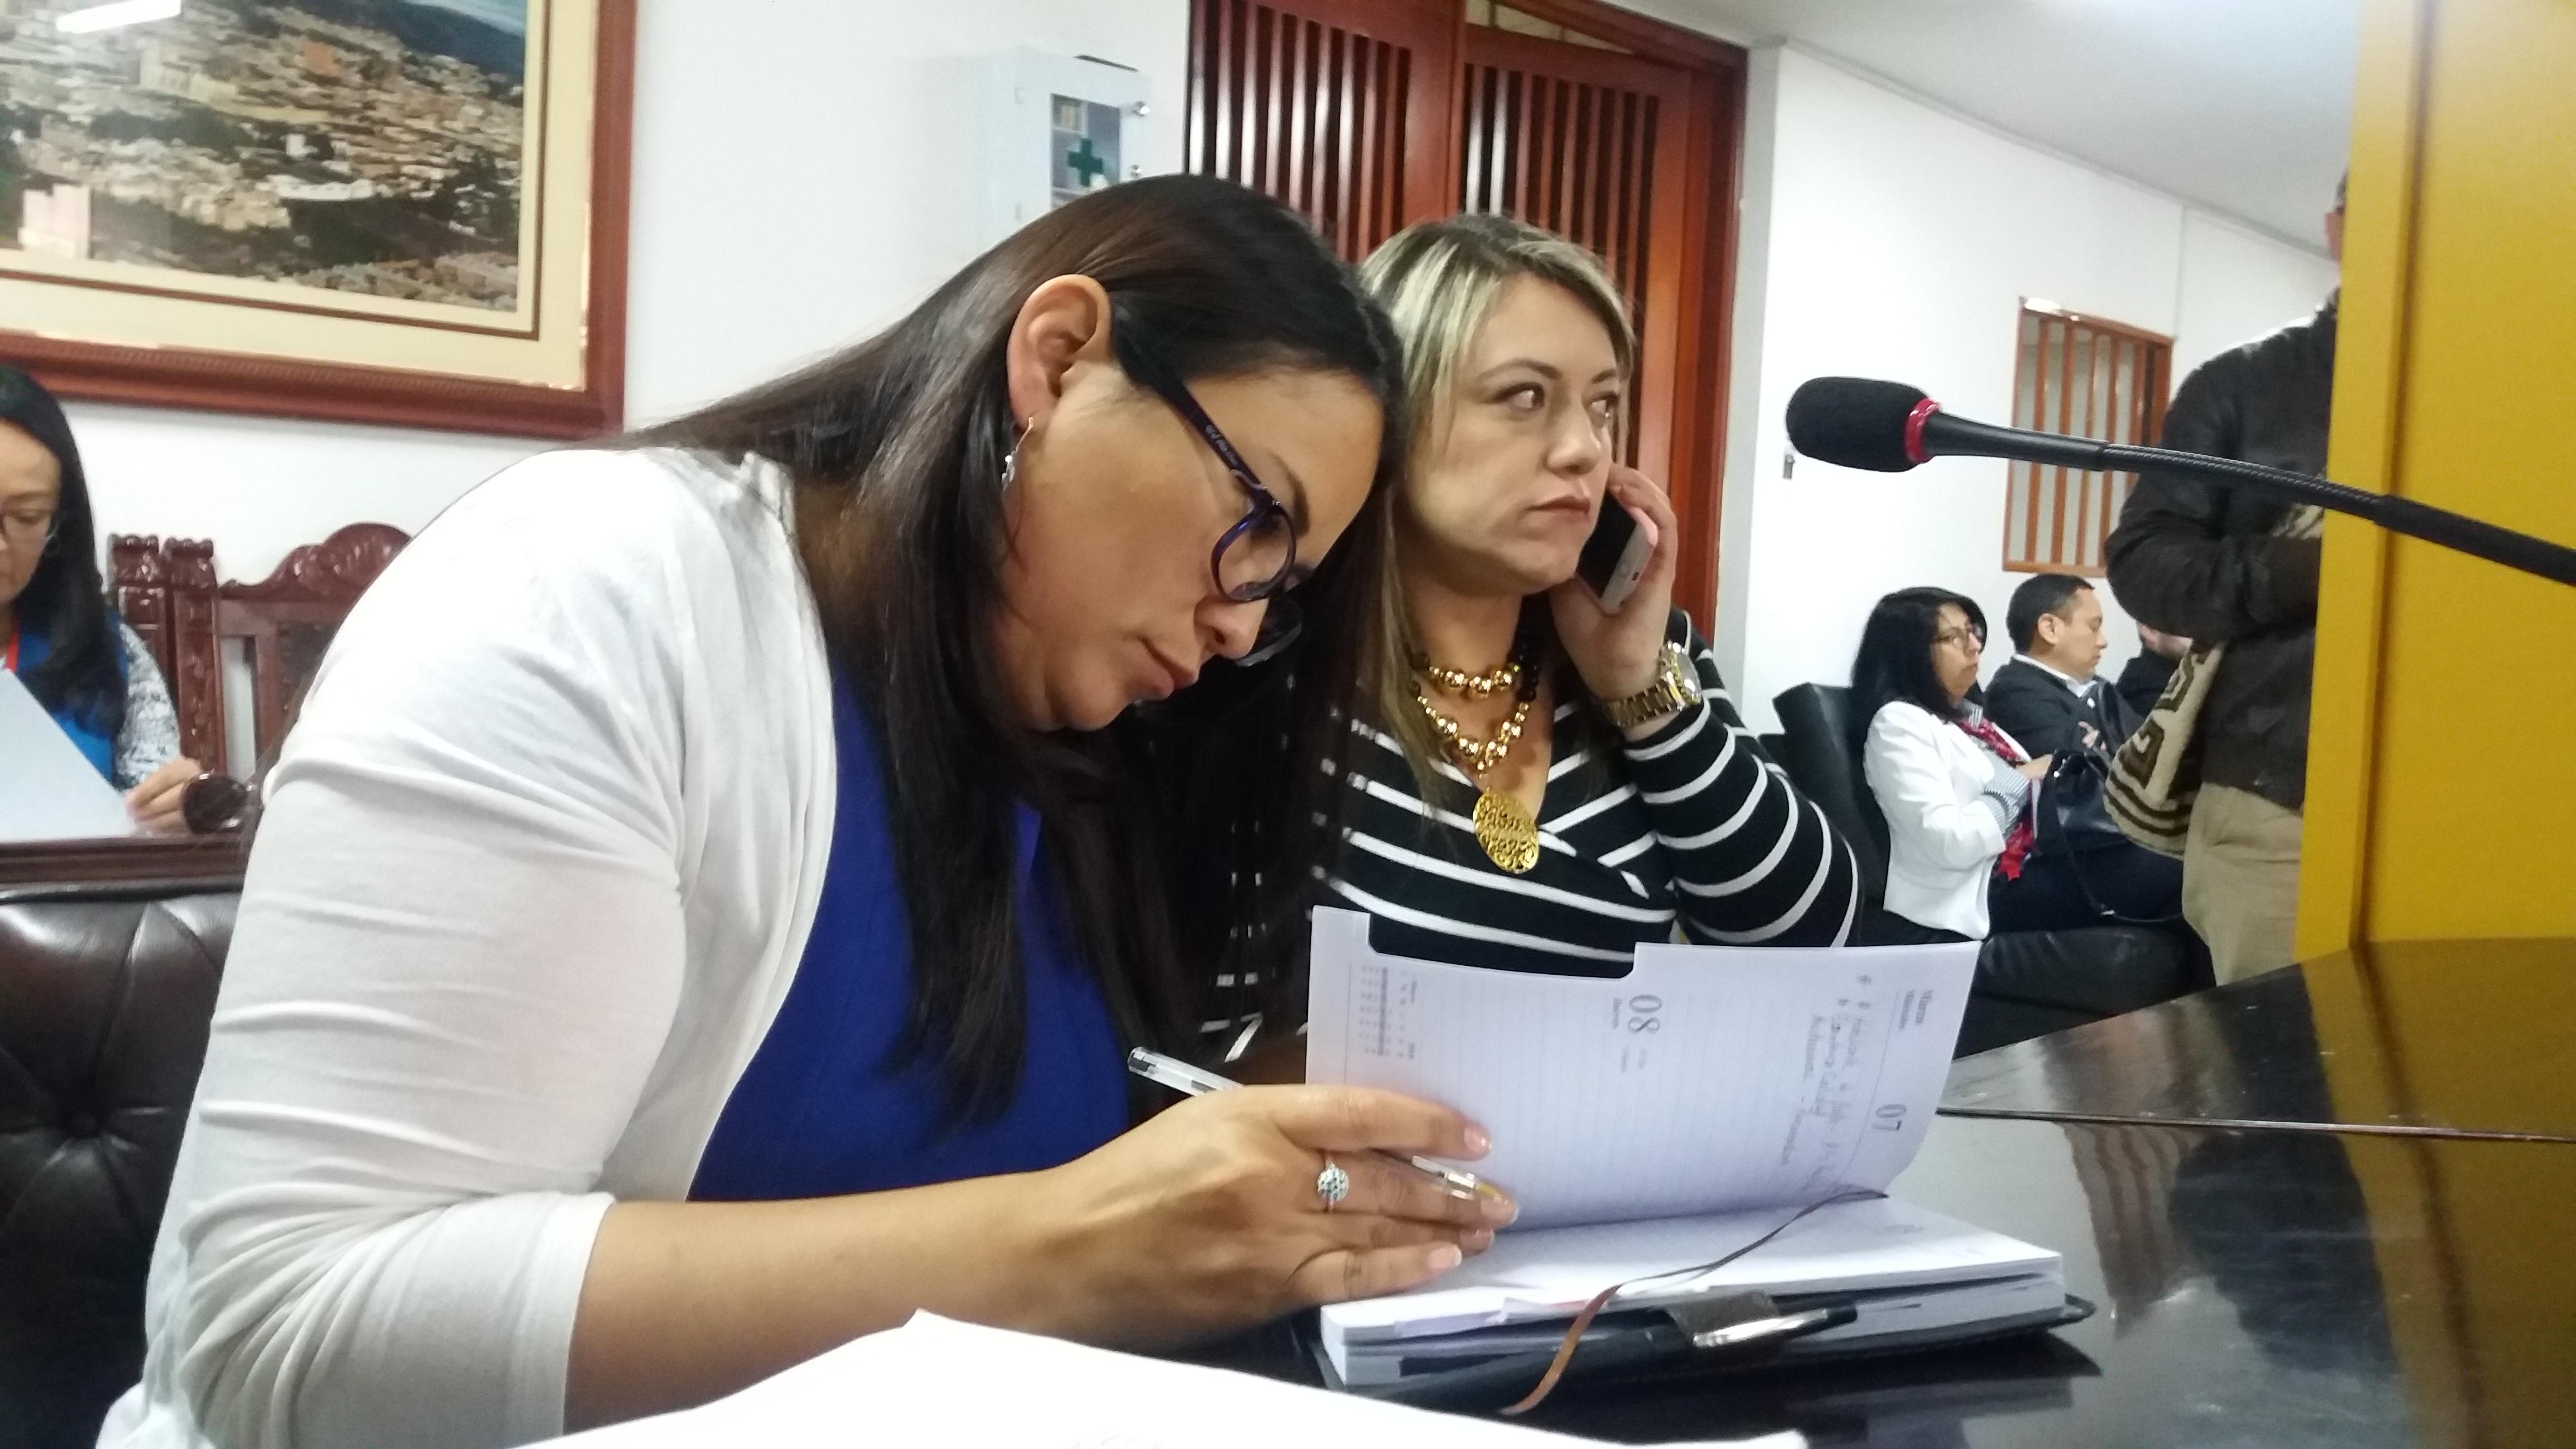 PERSONERÍA MUNICIPAL DE PASTO, PRESENTÓ INFORME DE GESTIÓN ANTE CONCEJO MUNICIPAL DE PASTO.